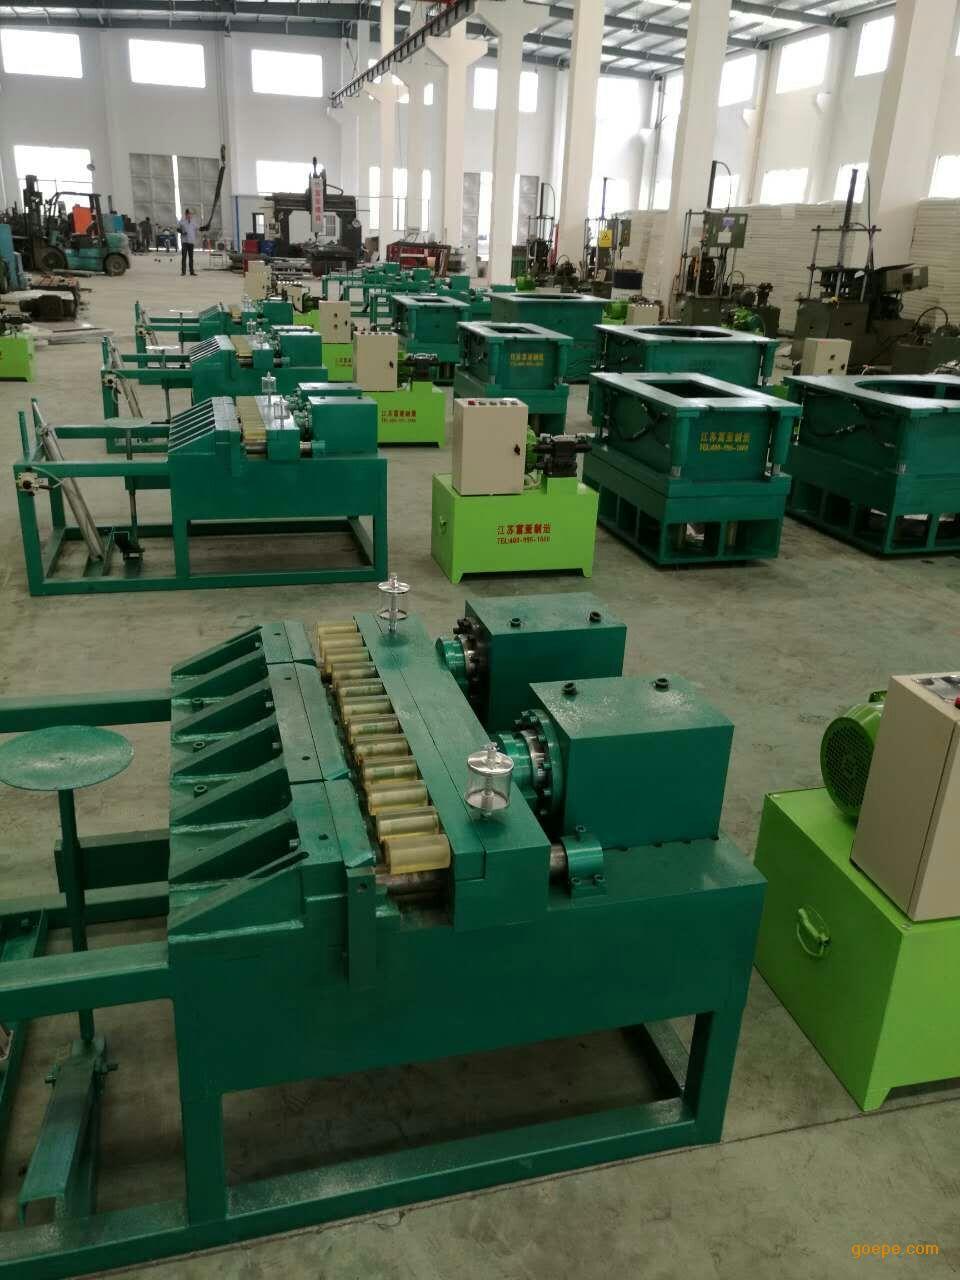 江苏富亚厂家直销不锈钢、BDF水箱模压块模具加工厂家直销